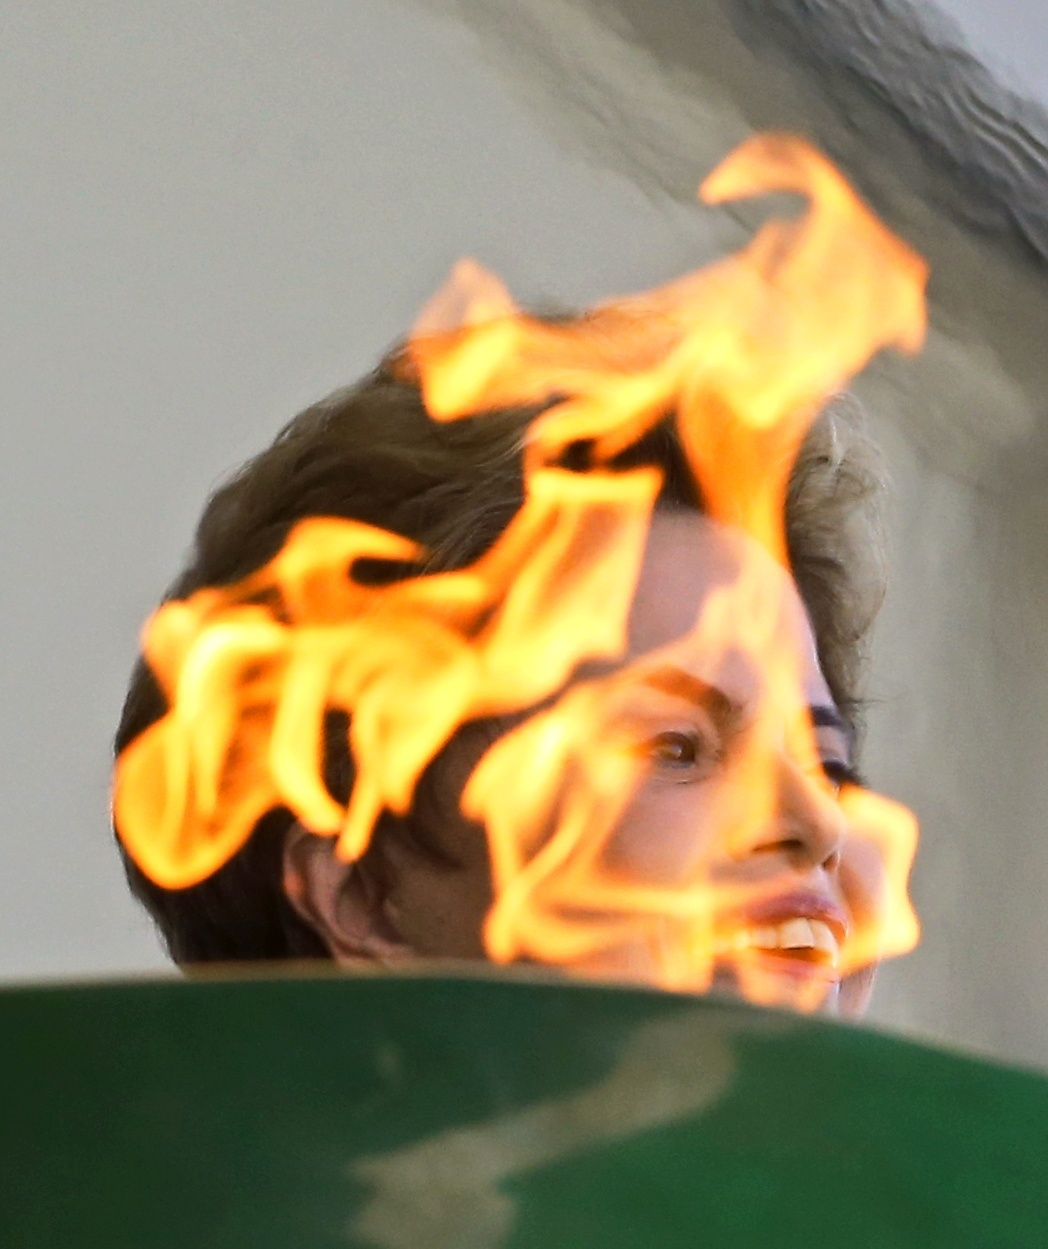 O fotógrafo Dida Sampaio captou o fogo da tocha em primeiro plano, com a presidente Dilma Rousseff ao fundo, durante a cerimônia de acendimento da Tocha Olímpica no Palácio do Planalto, em Brasília.